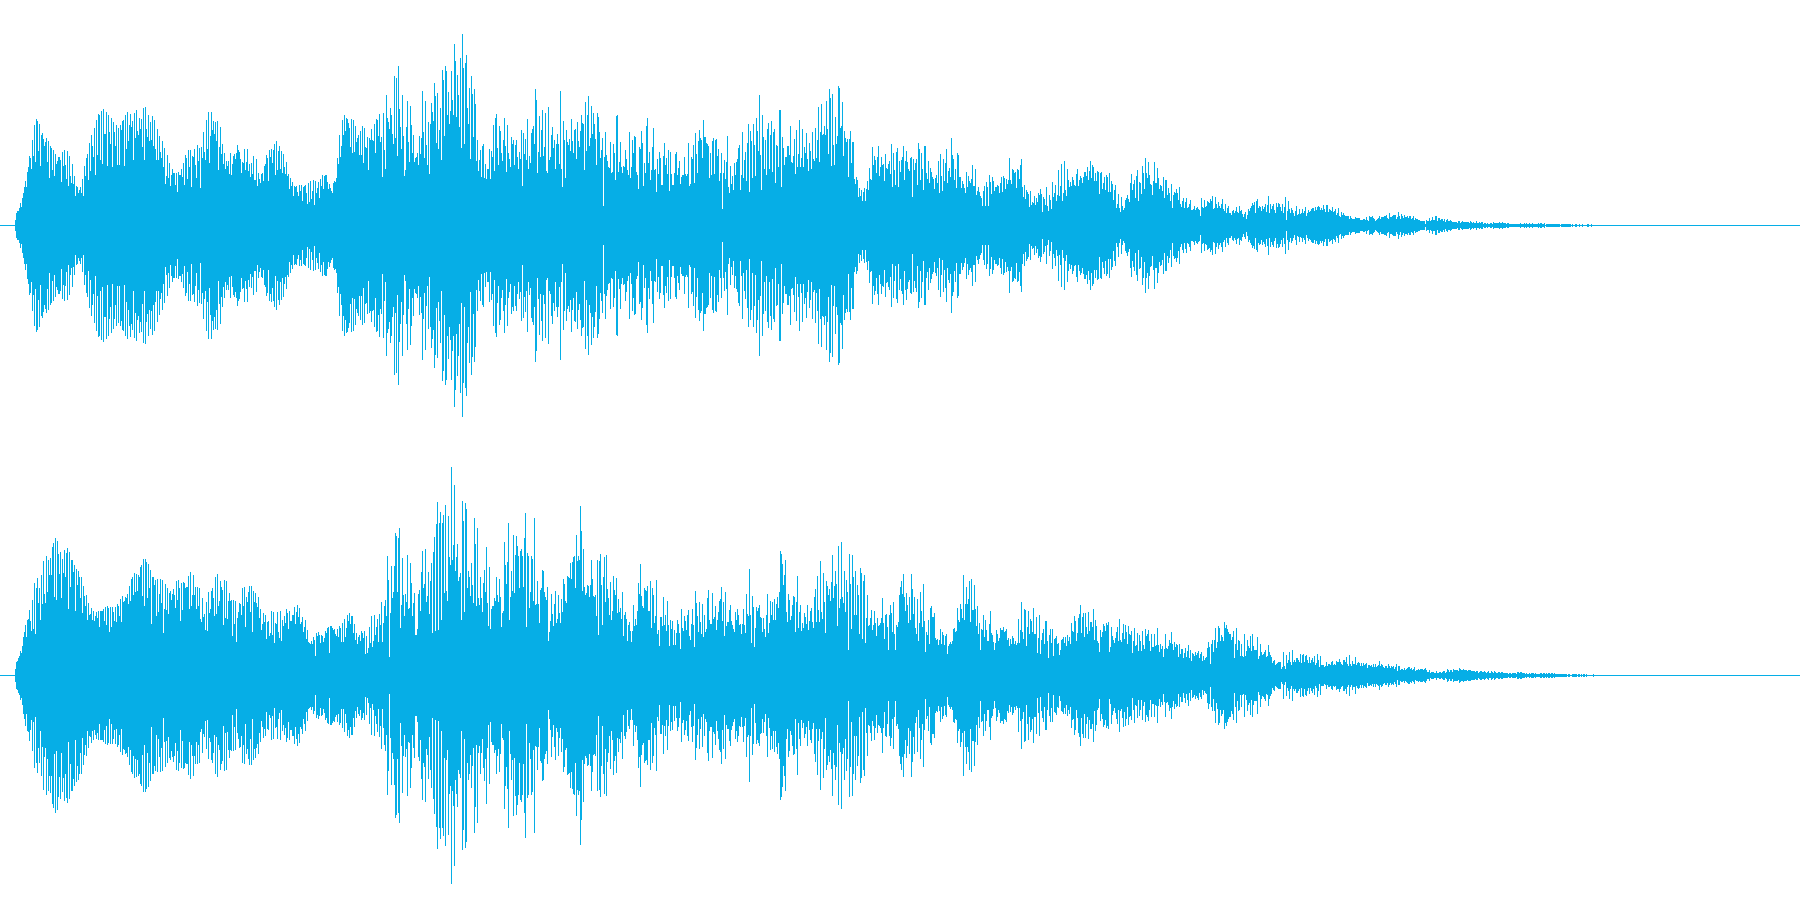 ピーンポーン ぴーんぽーん ピンポンの再生済みの波形